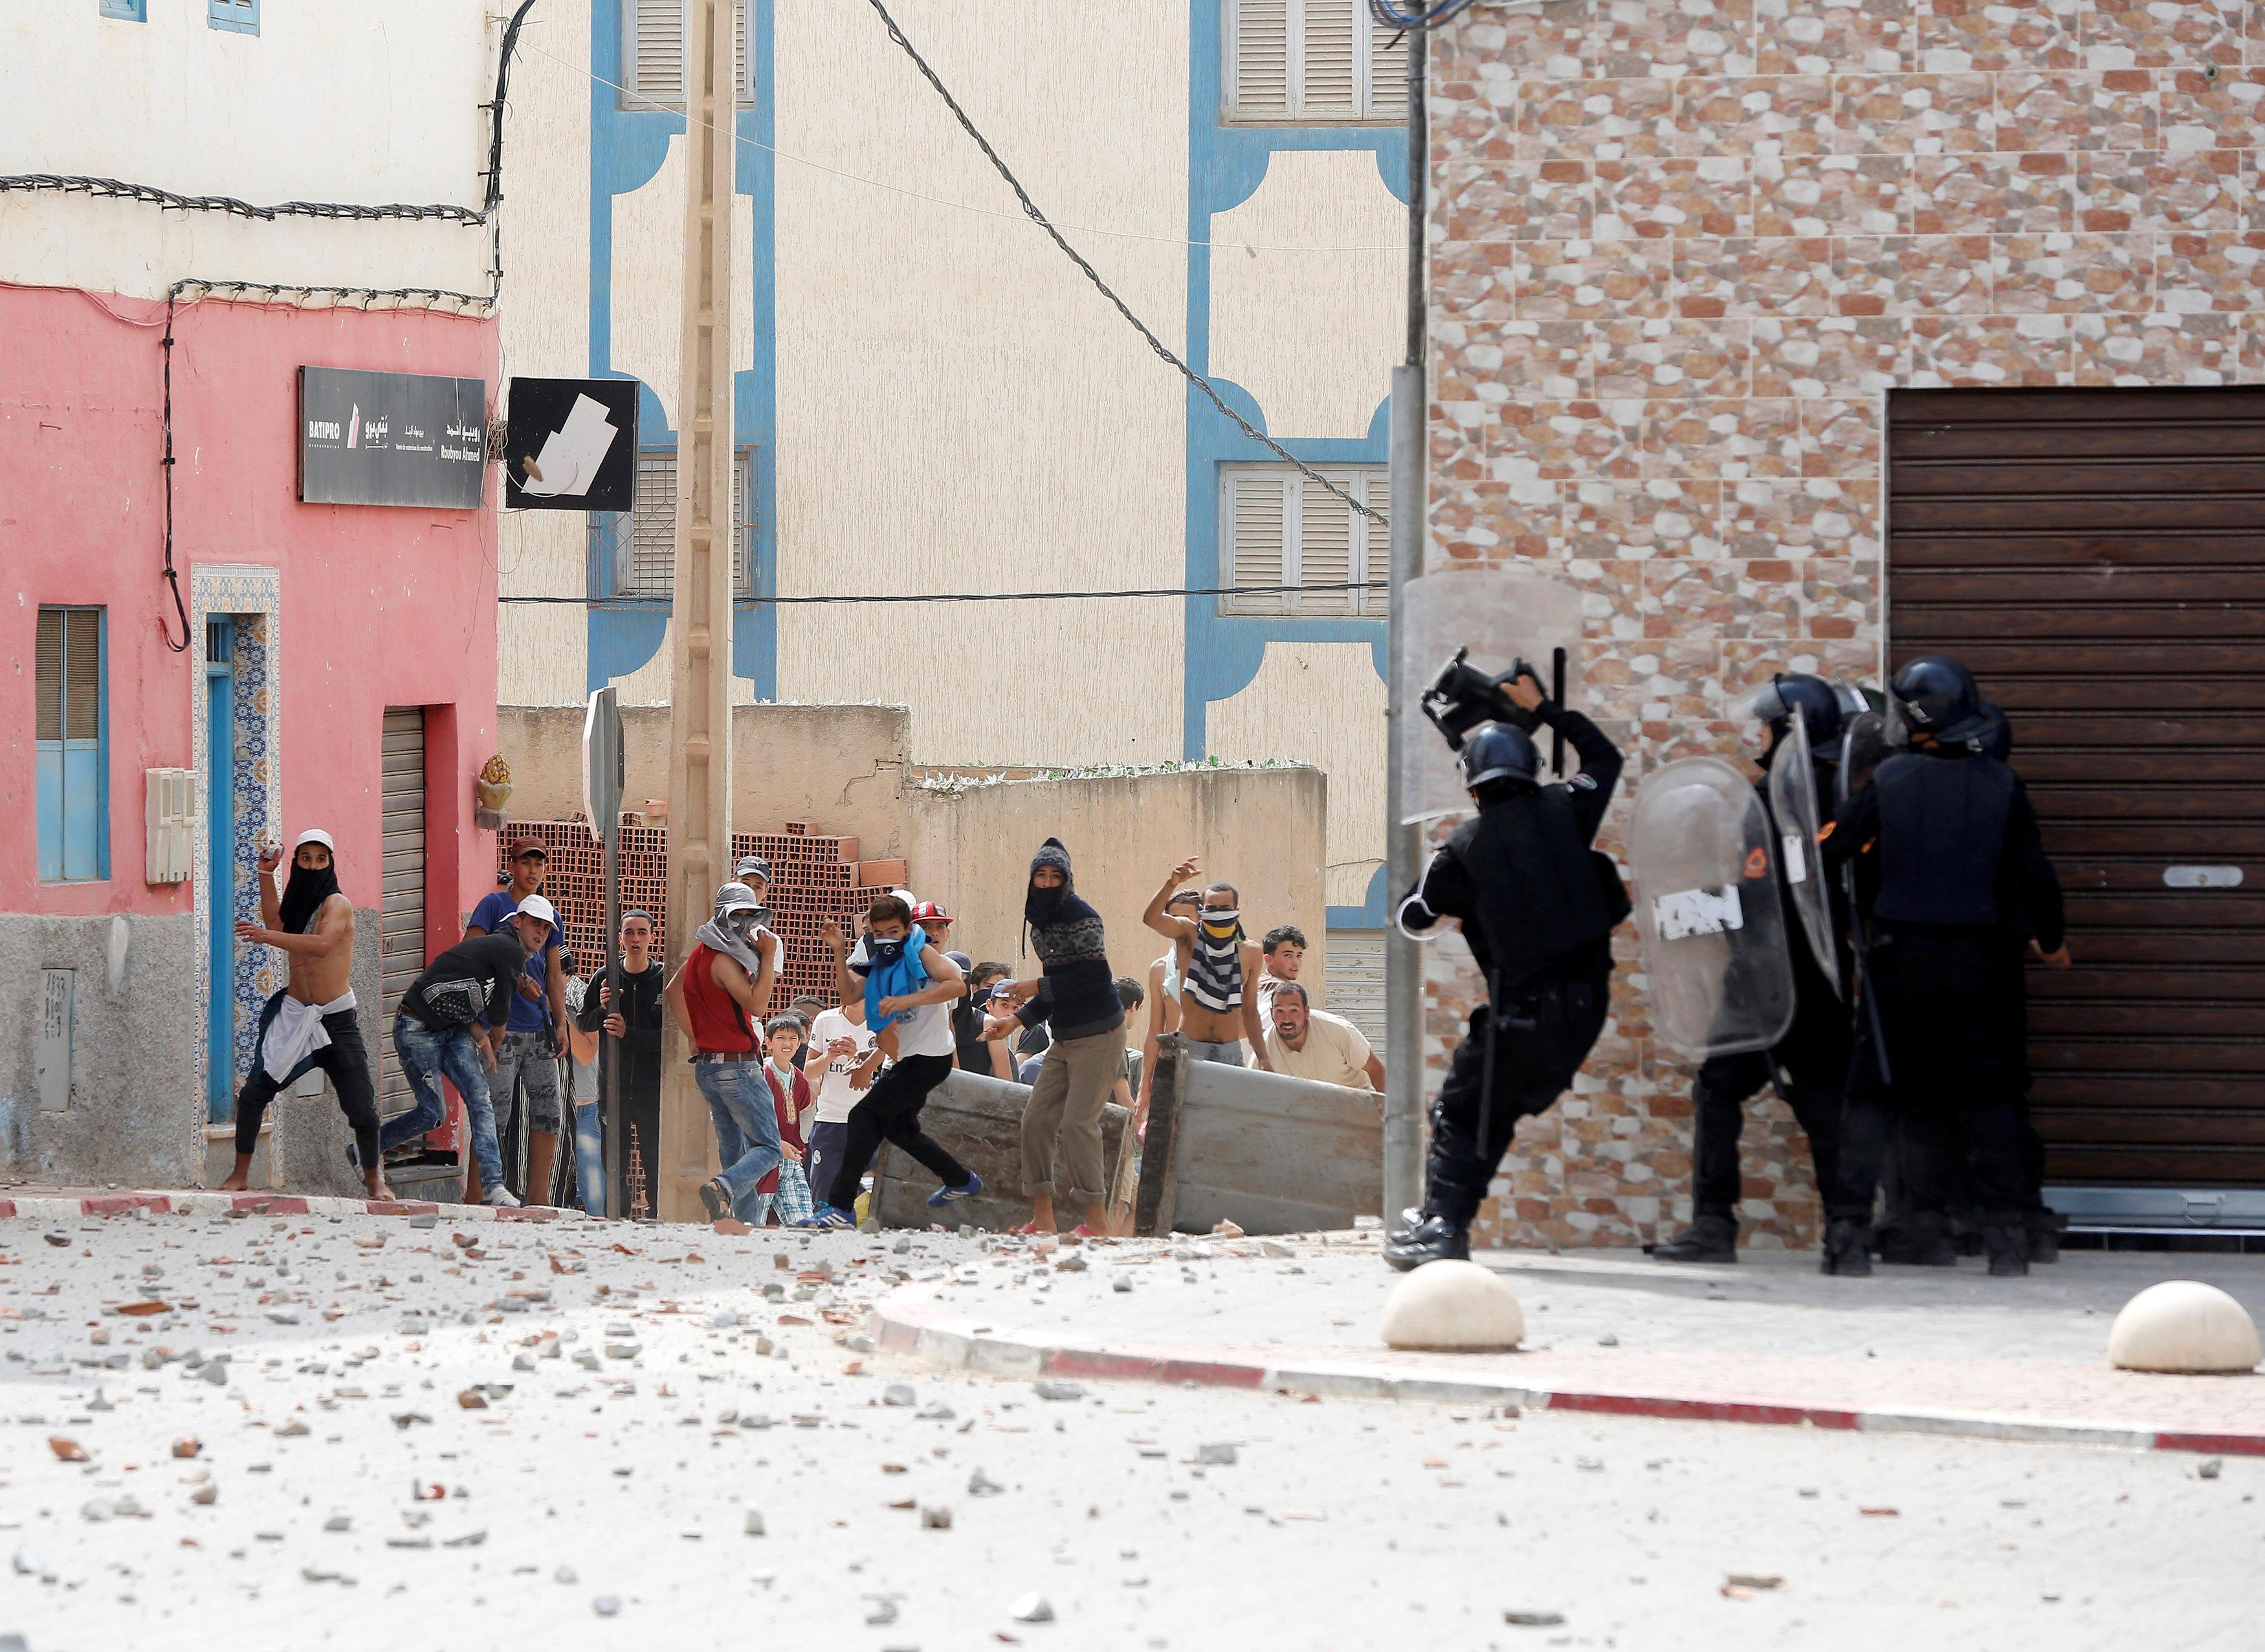 اندلاع اشتباكات فة مدينة امزورن المغربية